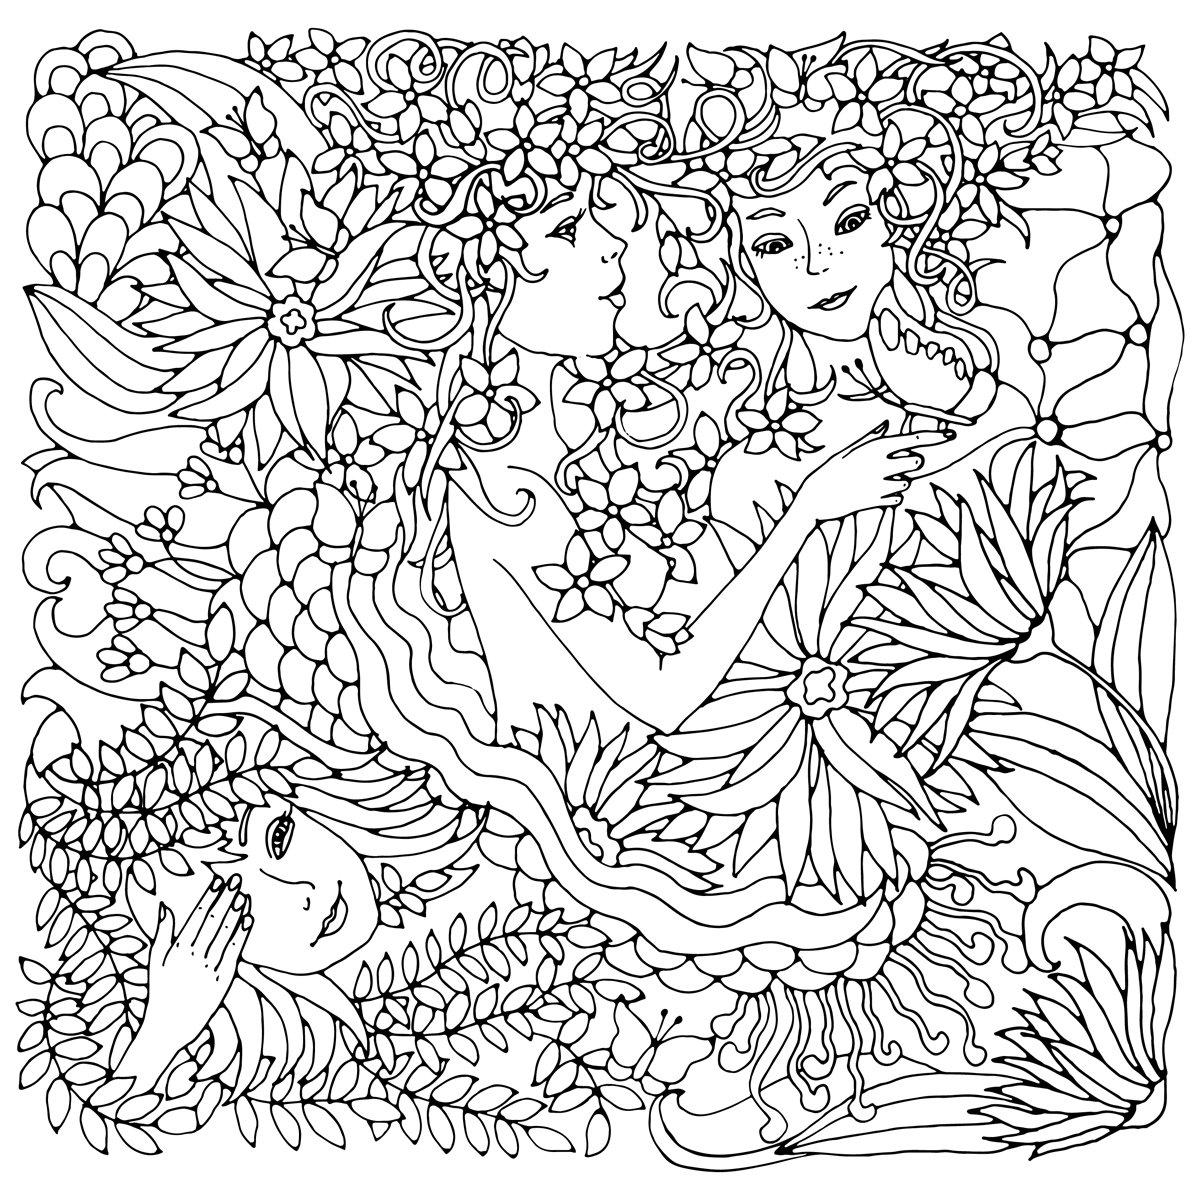 Постер-картина Раскраски антистресс Цветочный декоративный квадратный элемент с сюрреалистическими женские лица, листья, волны, ветви и цветы. Черно-белые векторные иллюстрации для раскраски и другие.Раскраски антистресс<br>Постер на холсте или бумаге. Любого нужного вам размера. В раме или без. Подвес в комплекте. Трехслойная надежная упаковка. Доставим в любую точку России. Вам осталось только повесить картину на стену!<br>